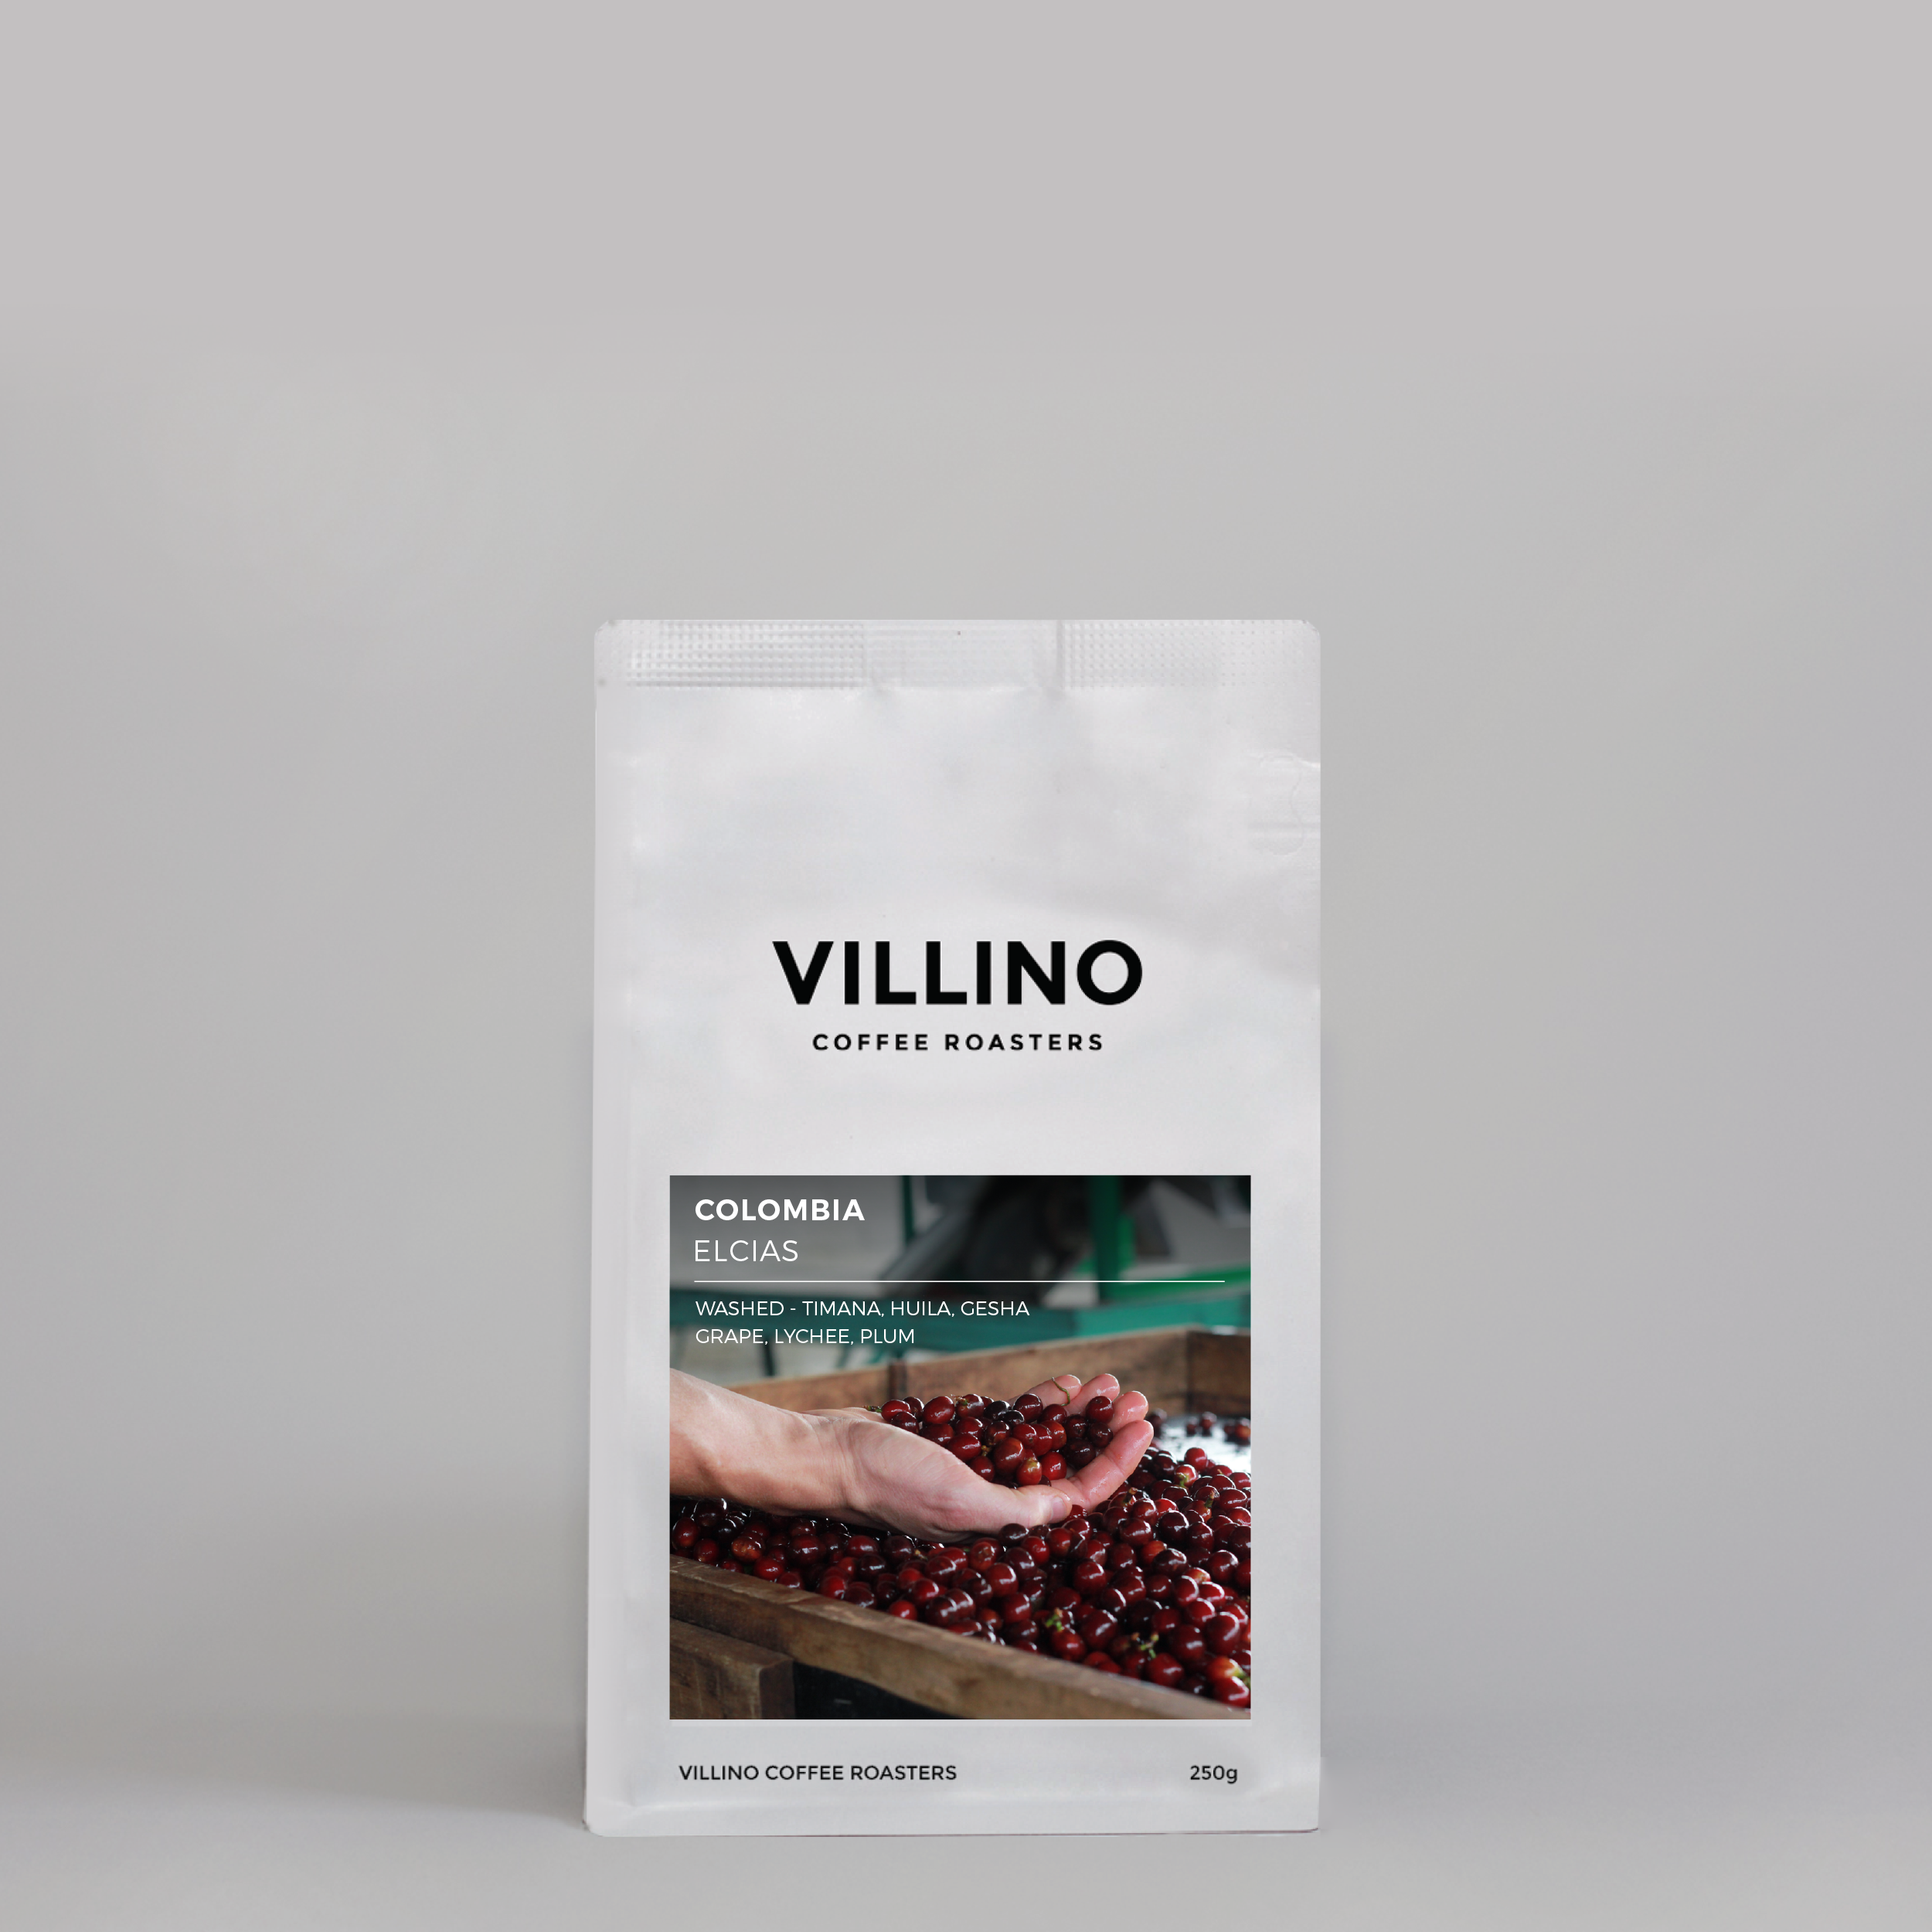 Villino_Retail Bag Elcias_600x600px.png